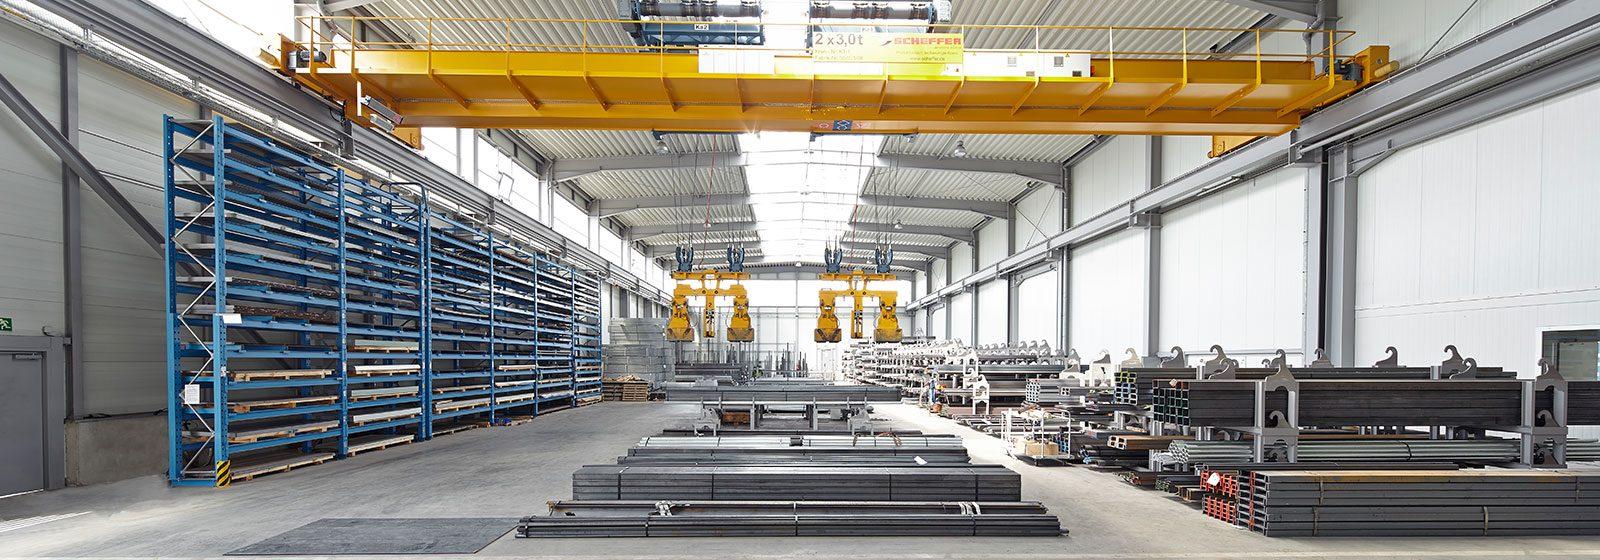 Stahlhandel Jücker | Halle mit Kran